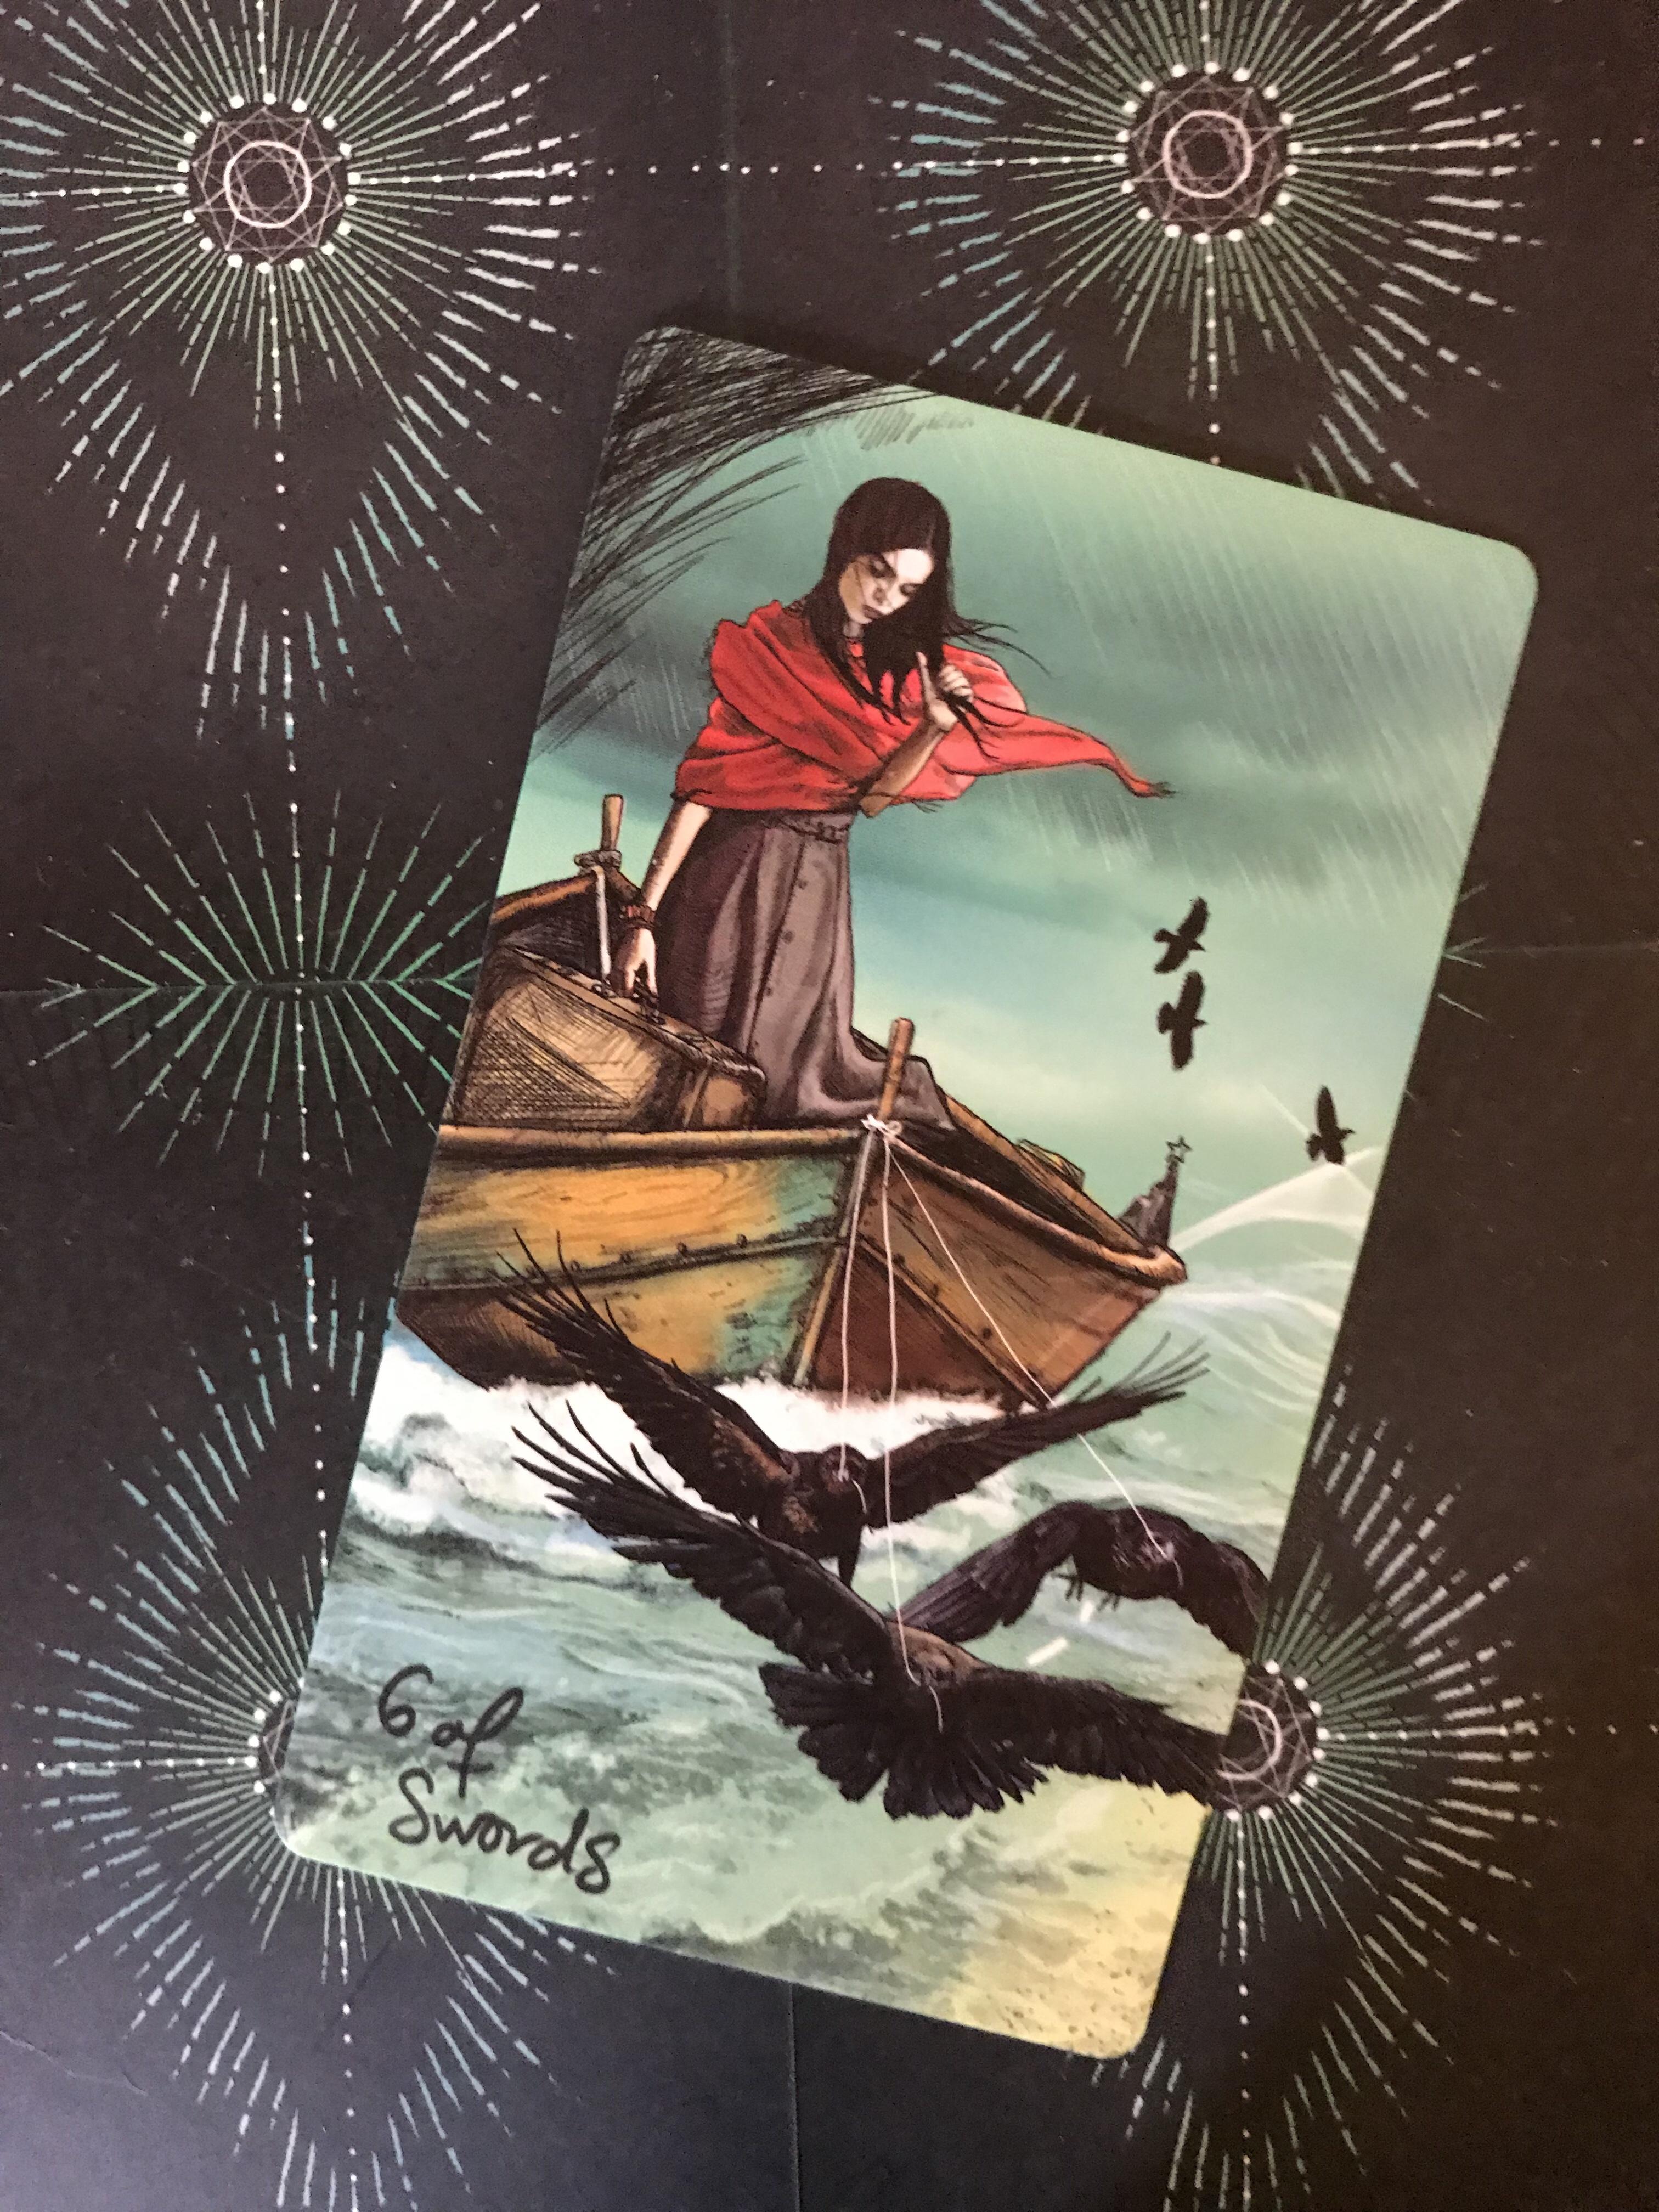 Featured Card Of The Day 6 Of Swords Lightseer S Tarot By Chris Anne Donnelly Tarot By Cecelia Lá 6 of pentacles có thể hàm chỉ thời điểm khi cuộc sống trở nên tốt hơn, đặc biệt khi liên quan đến vấn đề tiền bạc. featured card of the day 6 of swords